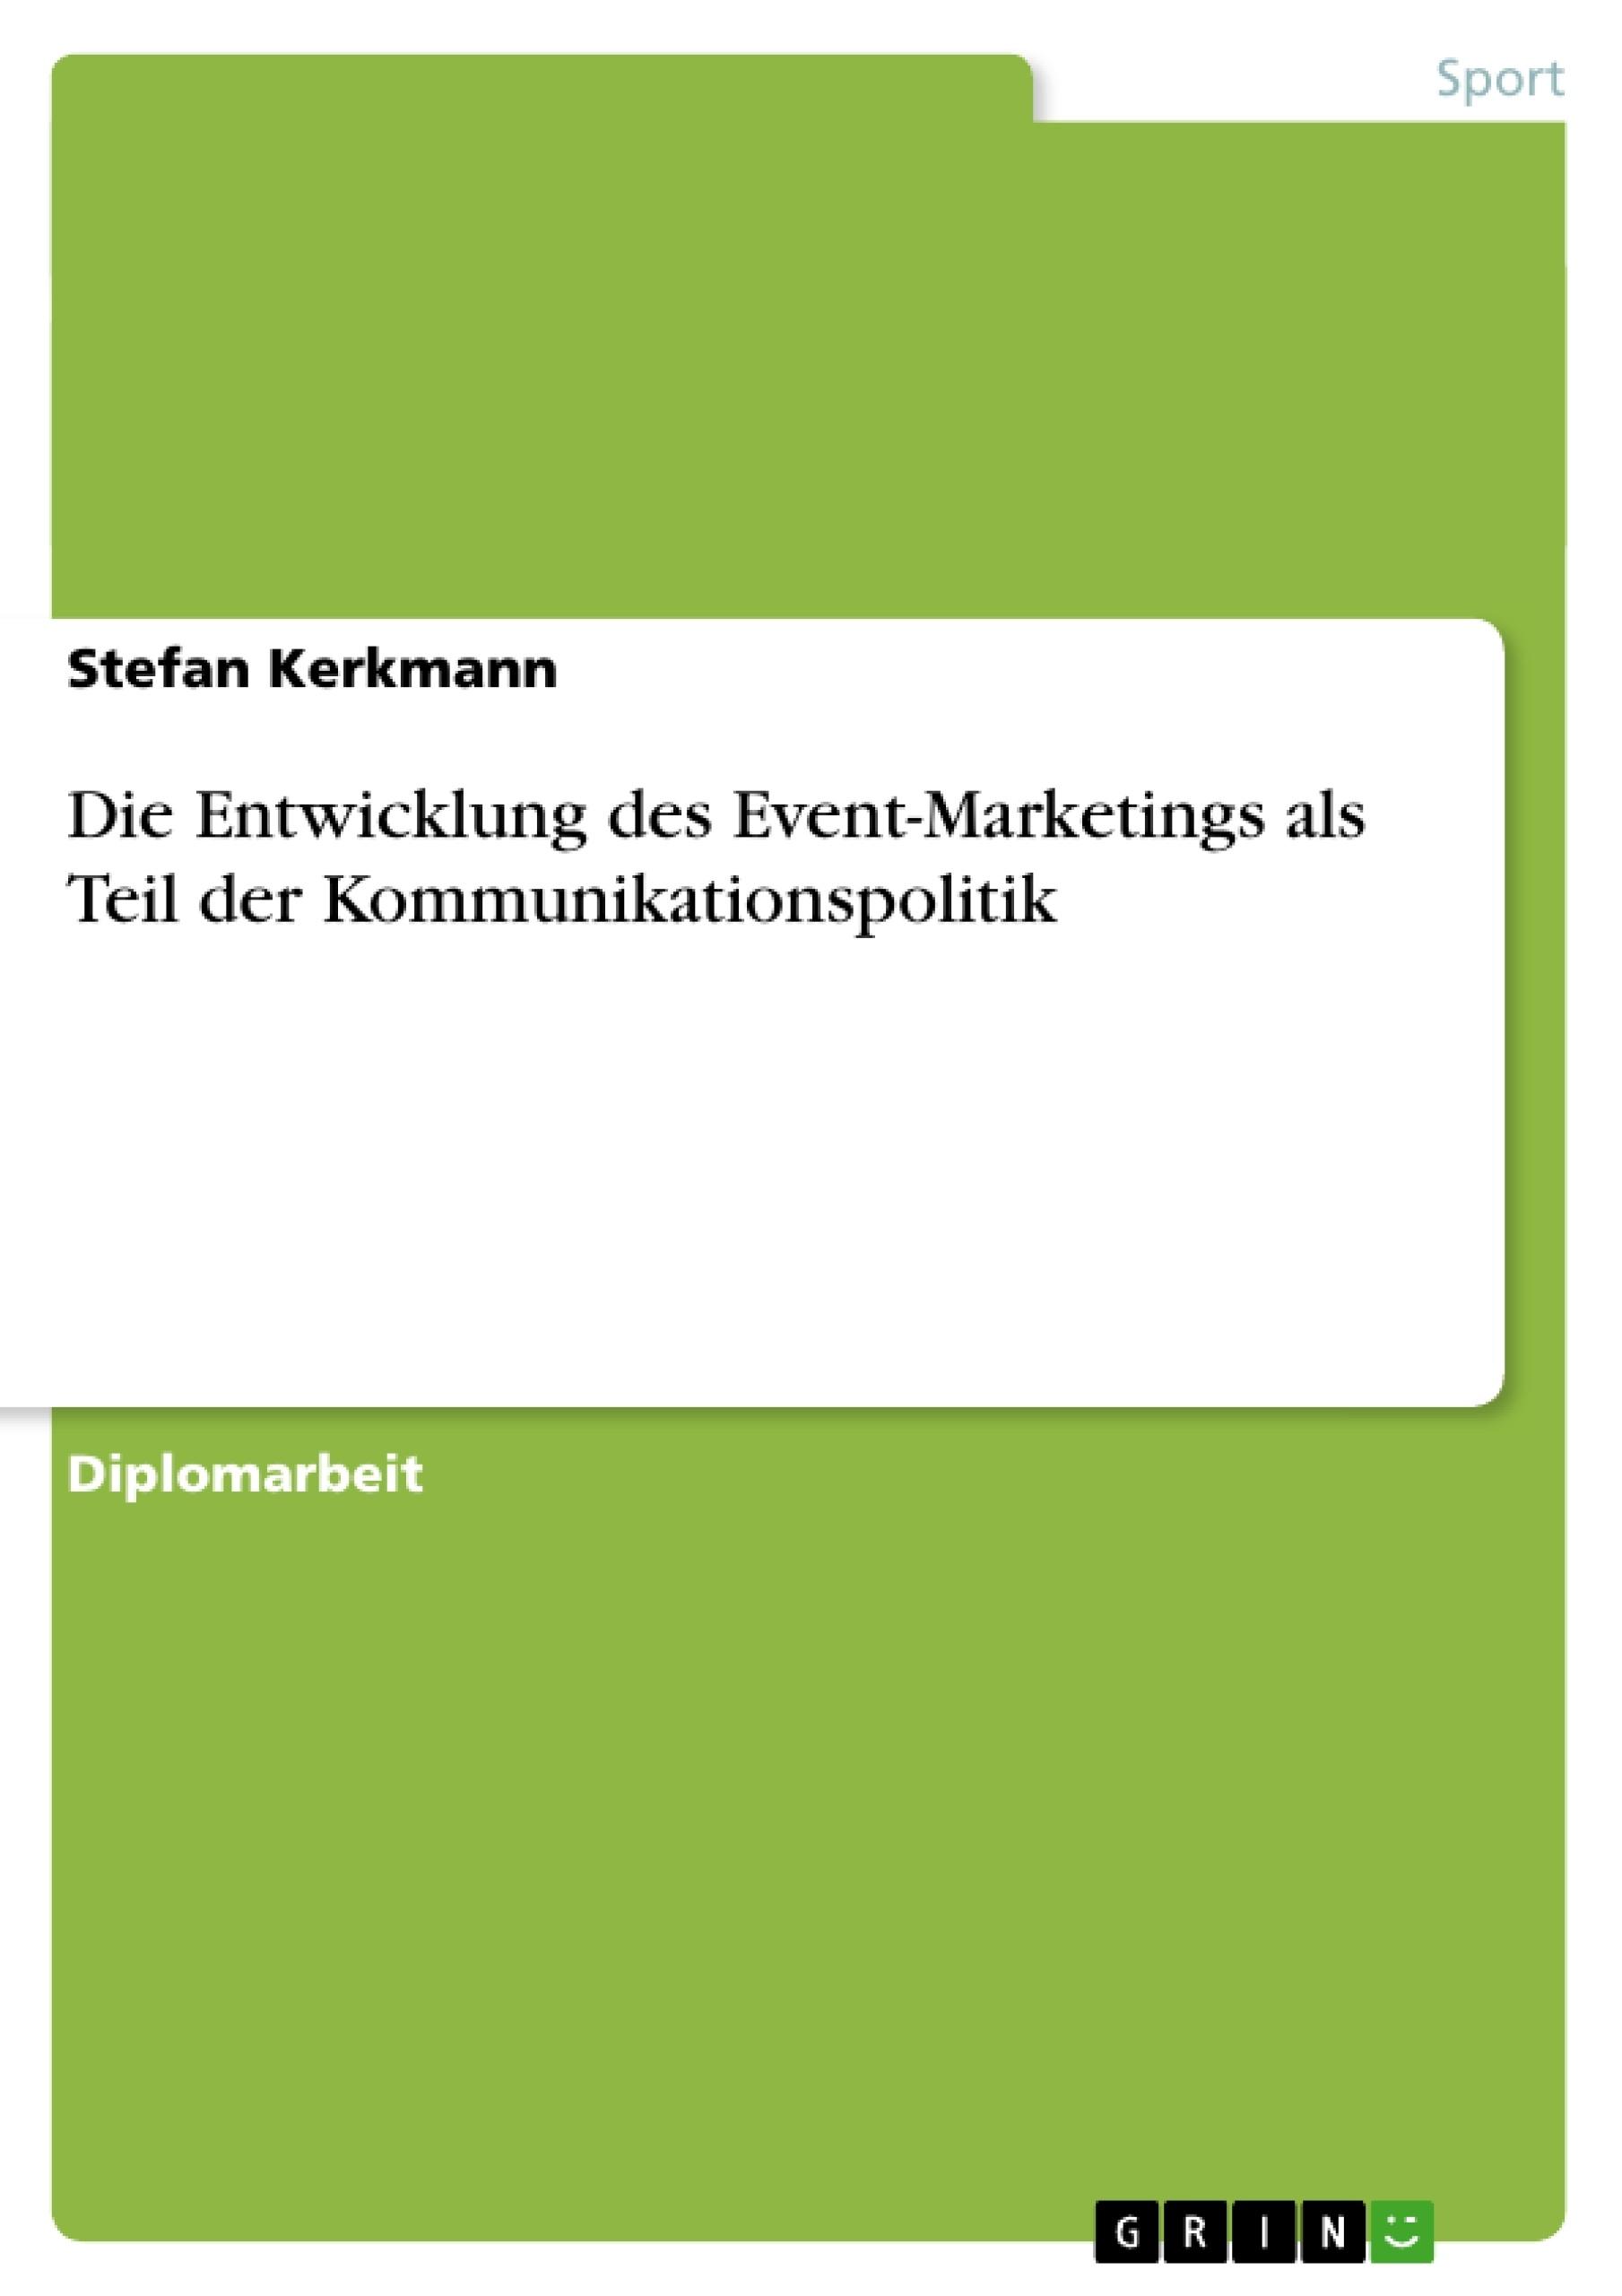 Titel: Die Entwicklung des Event-Marketings als Teil der Kommunikationspolitik